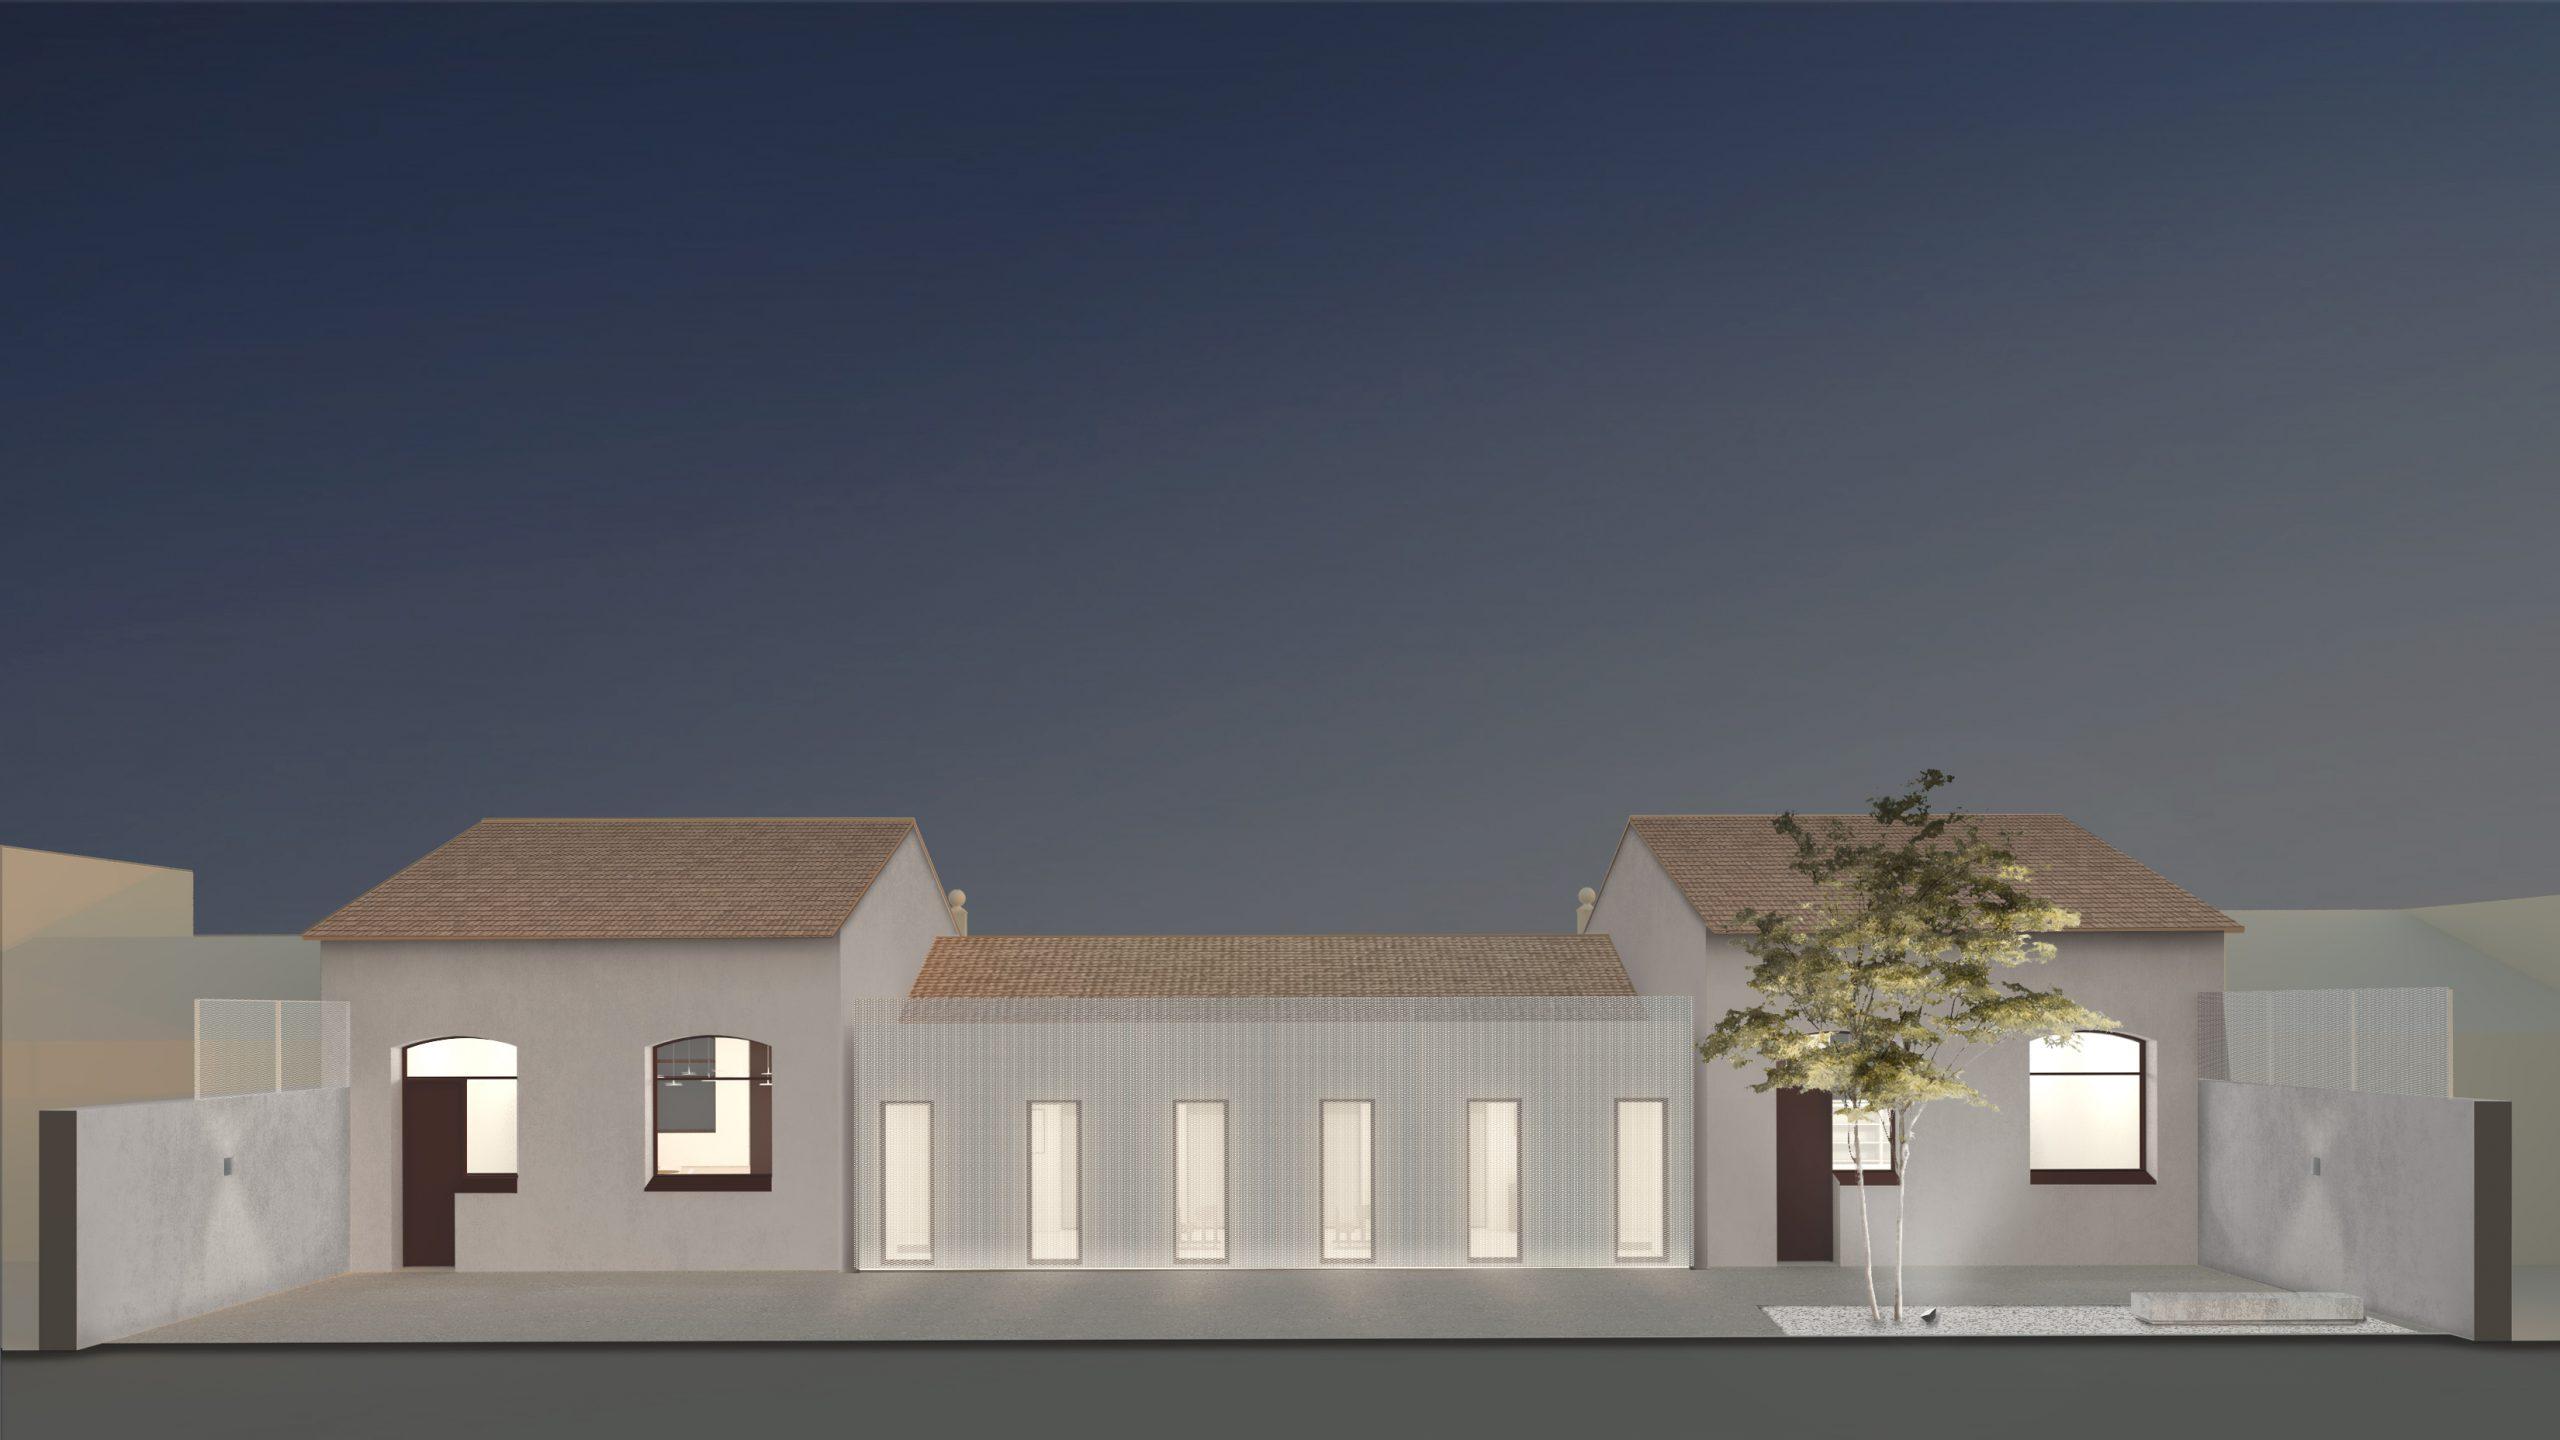 NAYA arquitectos alicante archivo municipal almoradi fachada patio nocturna